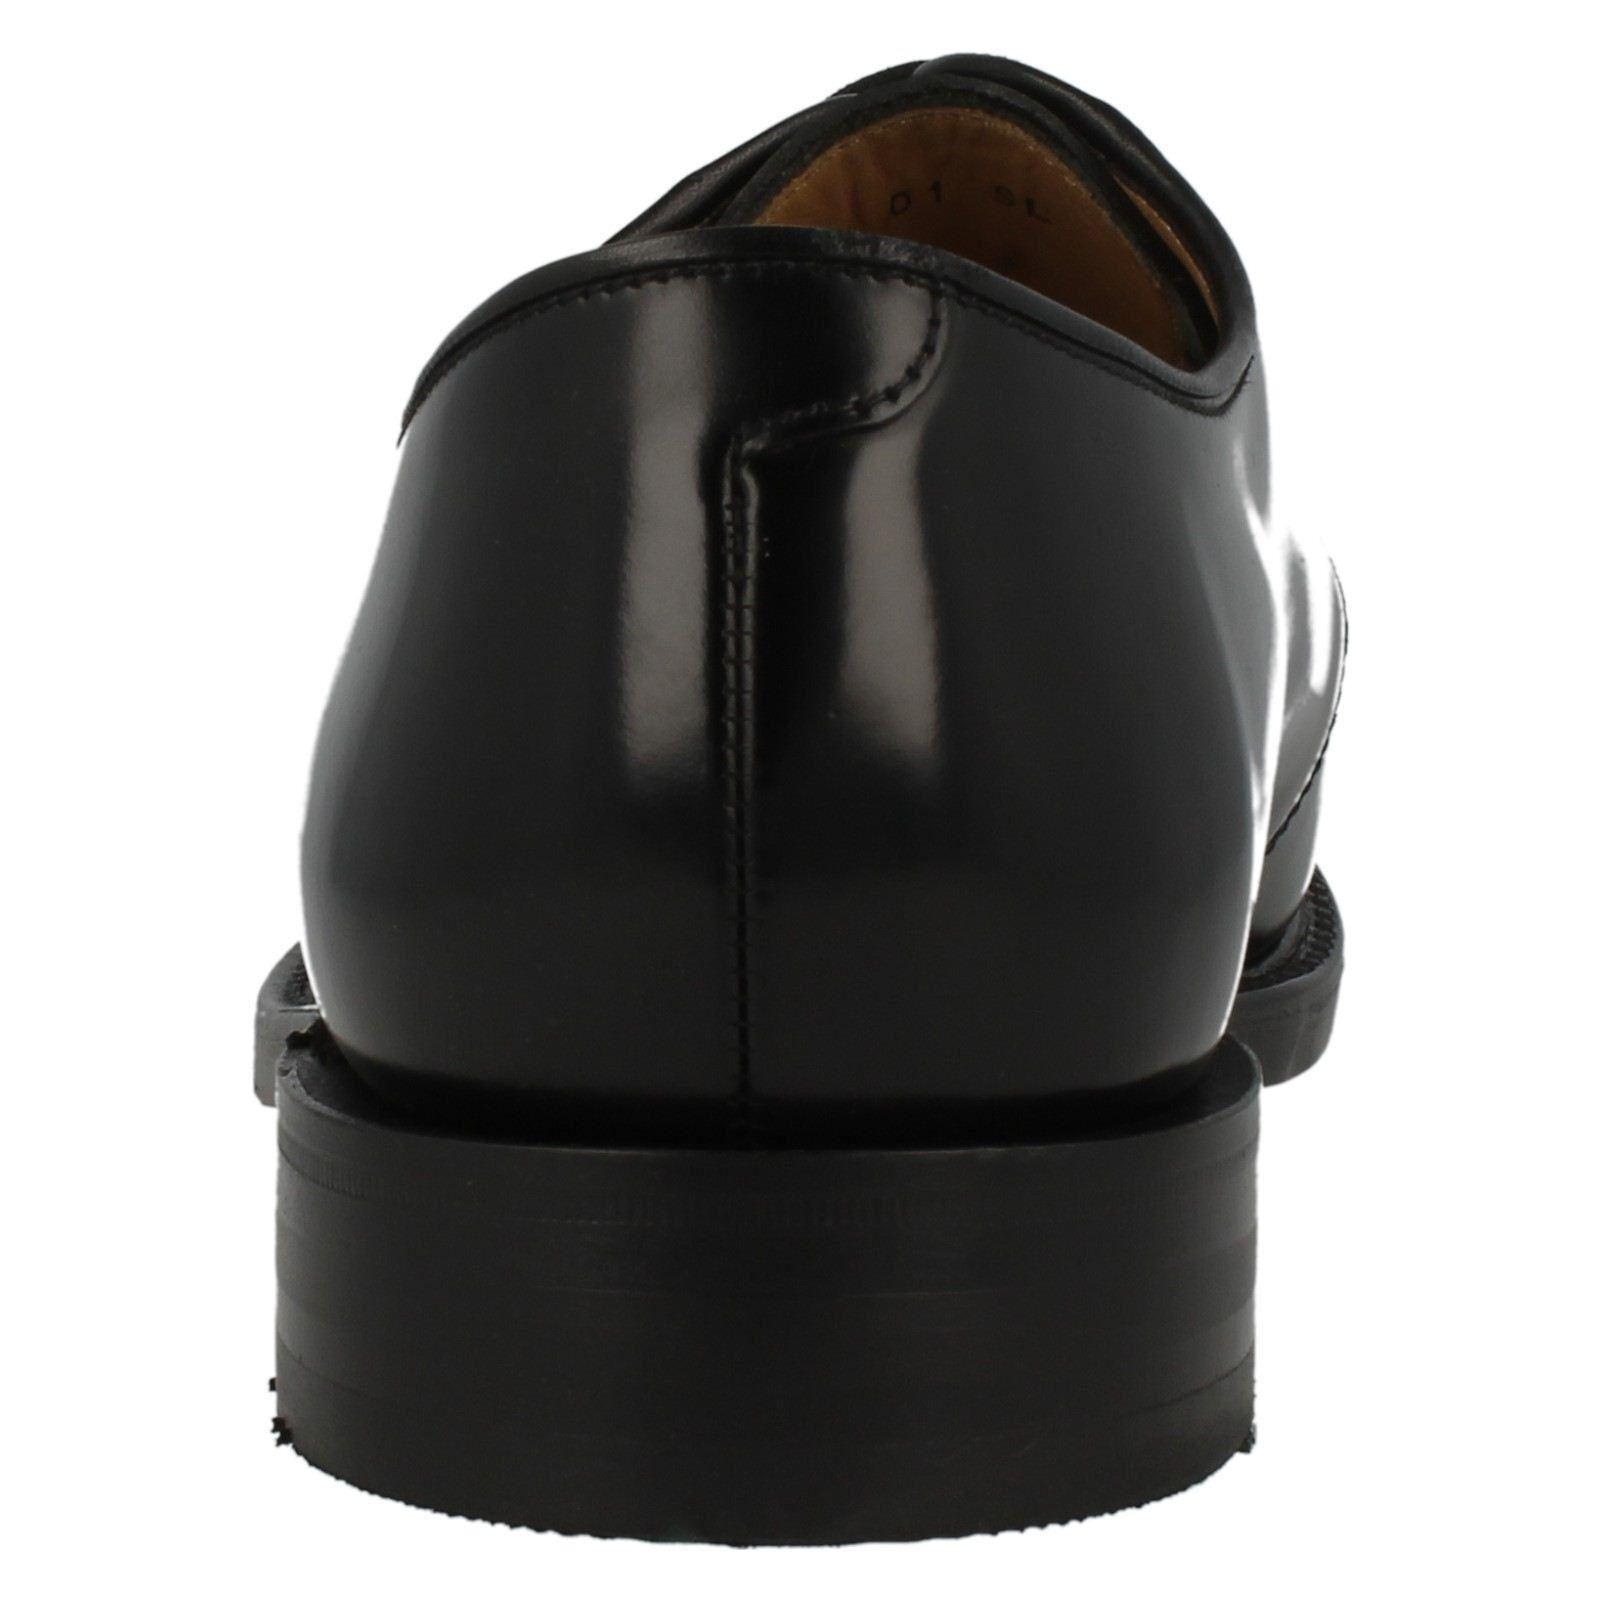 Herren 771B F Passung Schwarz Poliert Leder Schnürbar Schnürbar Schnürbar Schuhe Loake   89d365